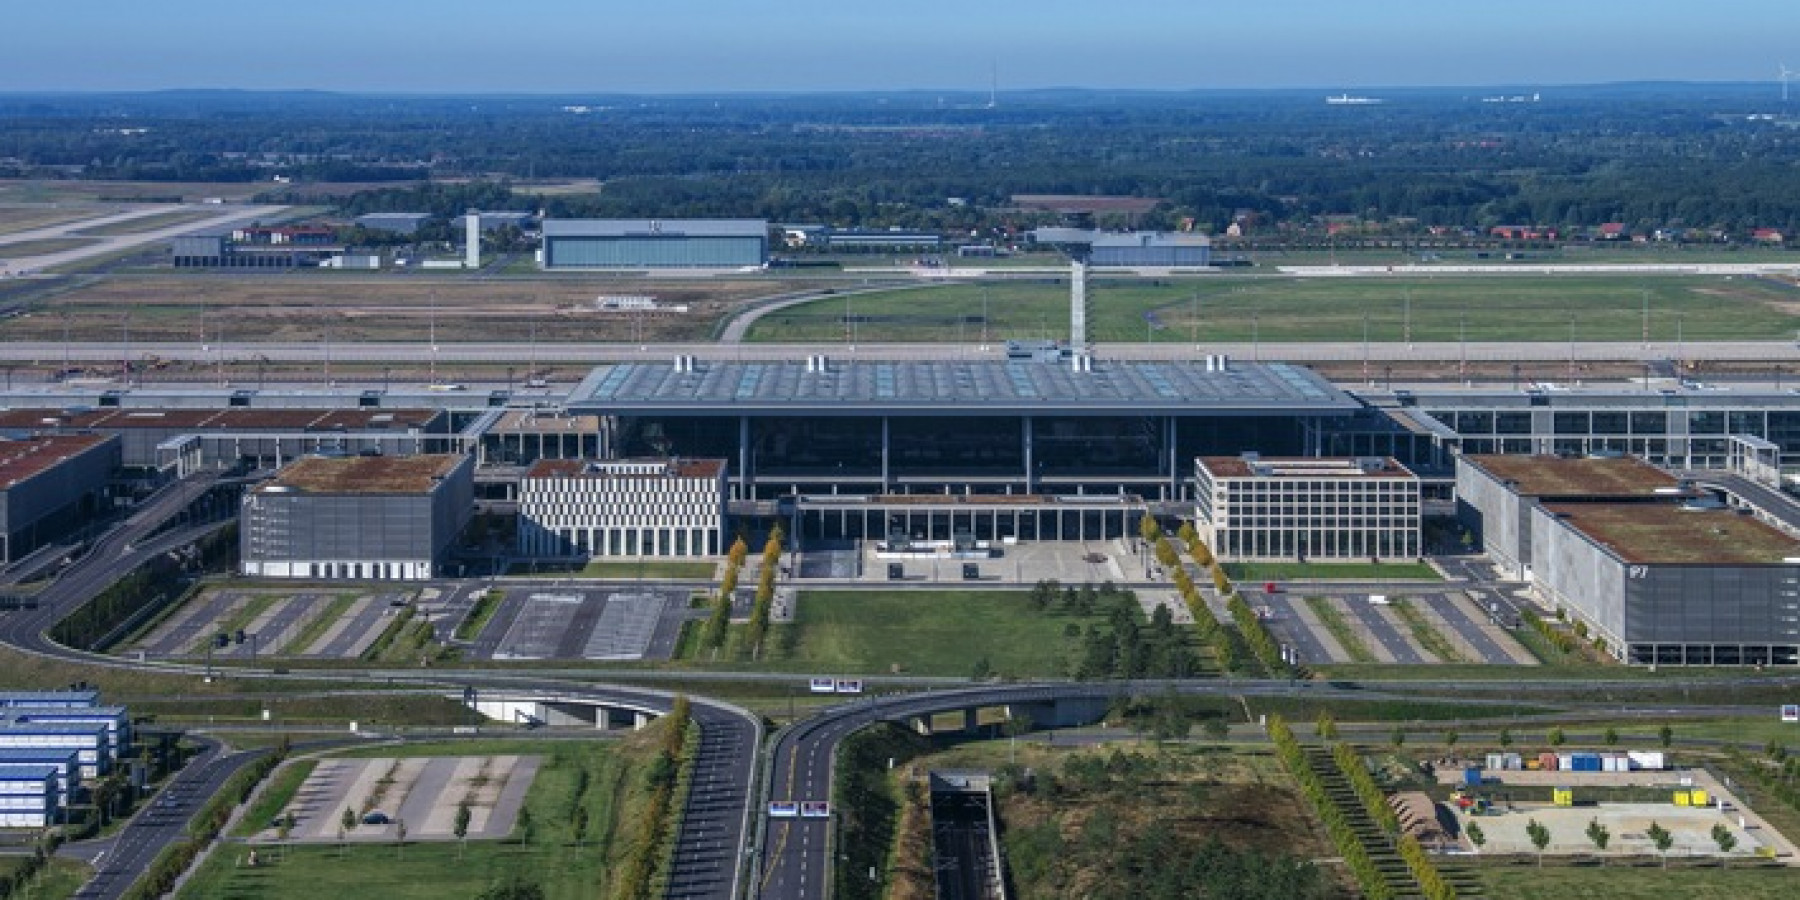 Eröffnung des Flughafens BER am 31. Oktober 2020